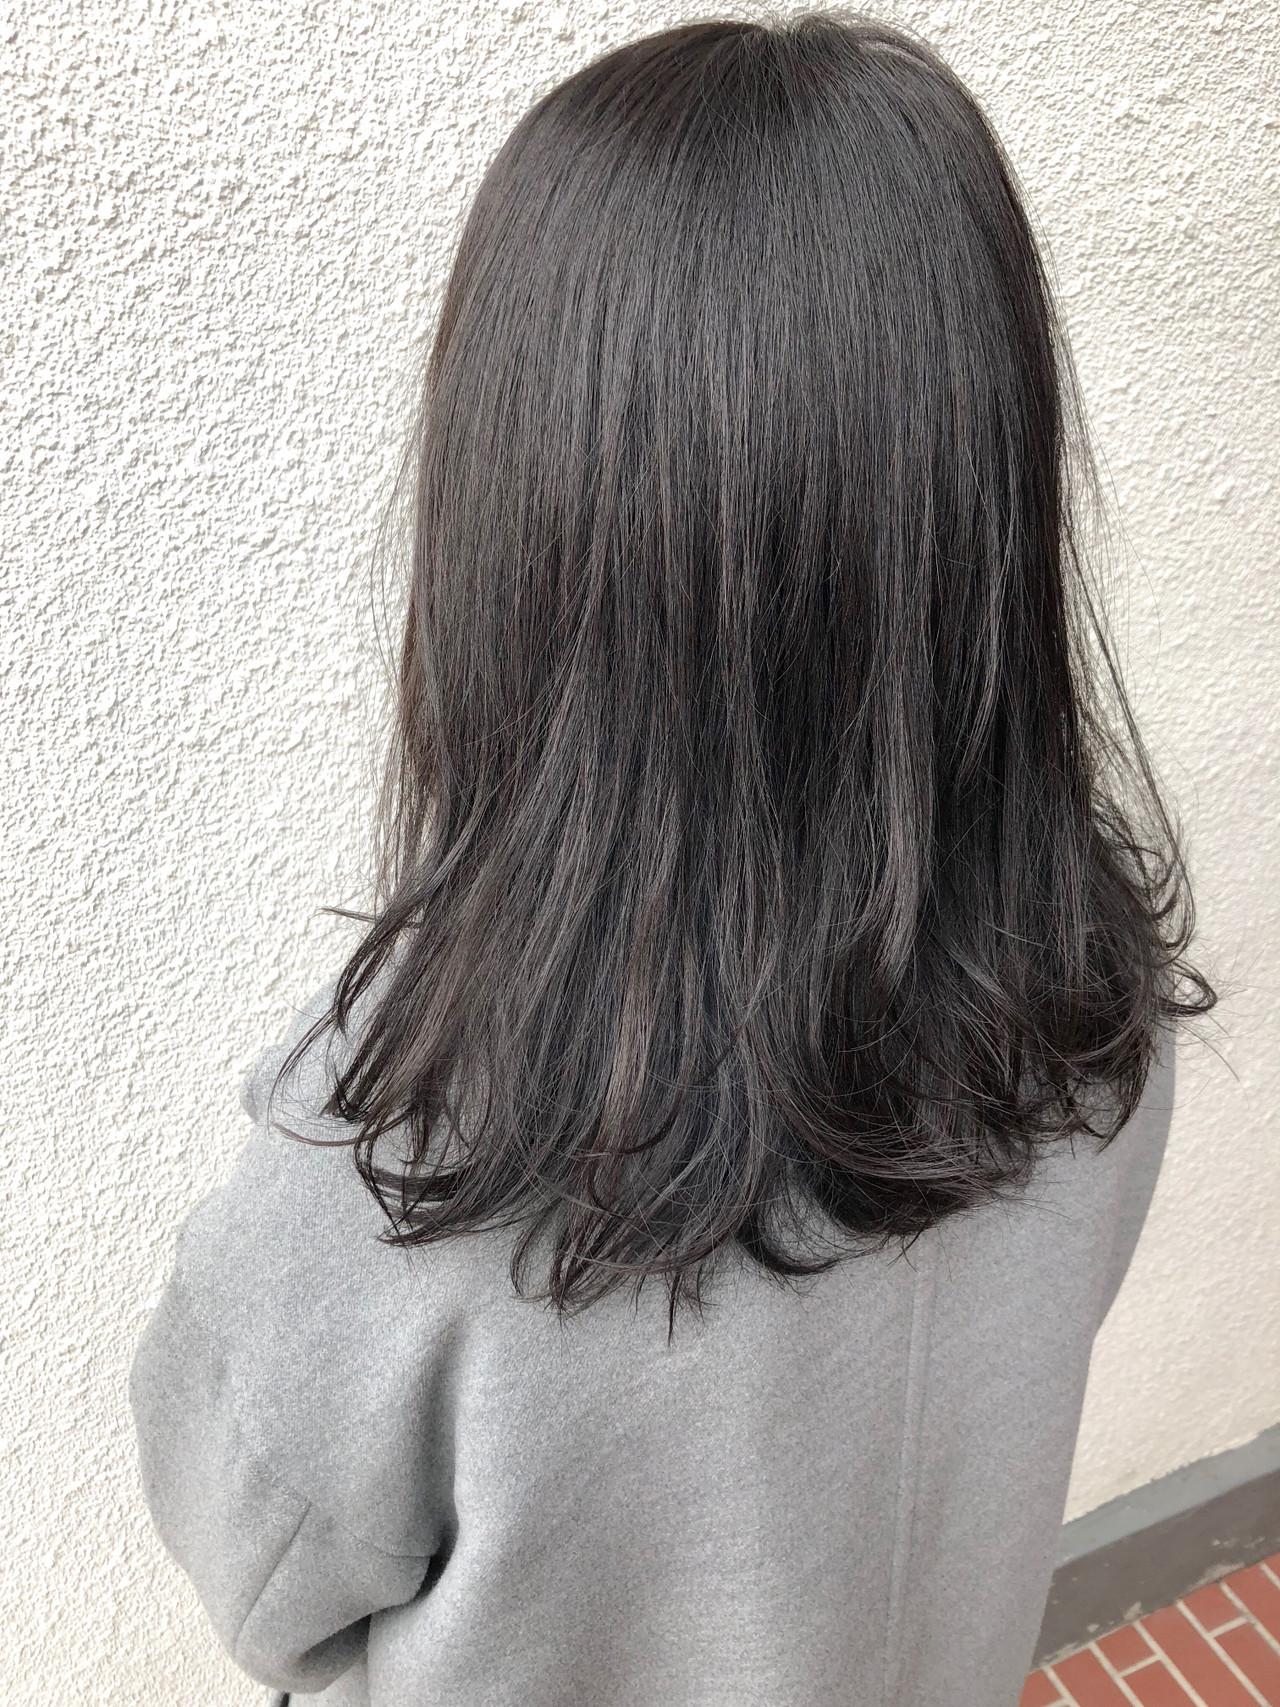 アッシュベージュ セミロング グレージュ ナチュラル ヘアスタイルや髪型の写真・画像